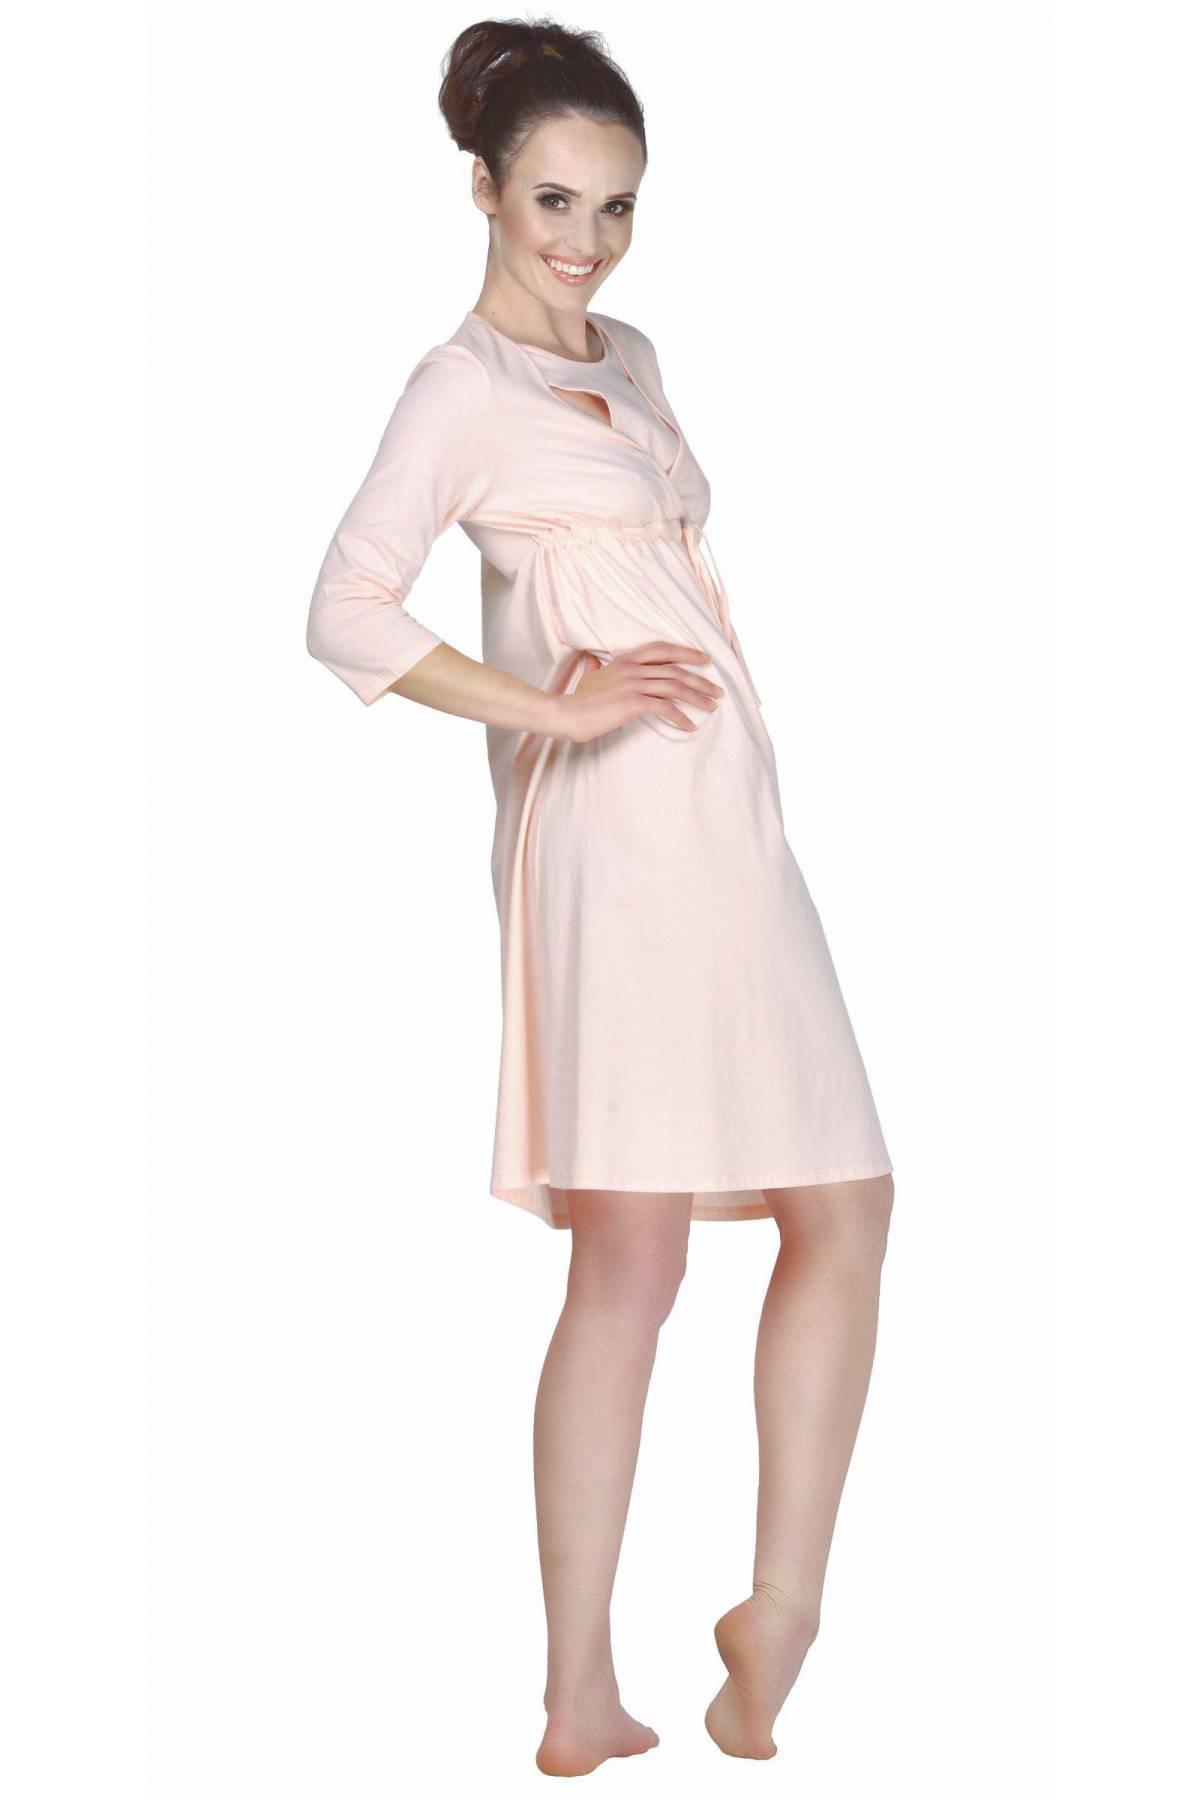 Koszula ciążowa Babygirl sklep Mewa24.pl  bisA9